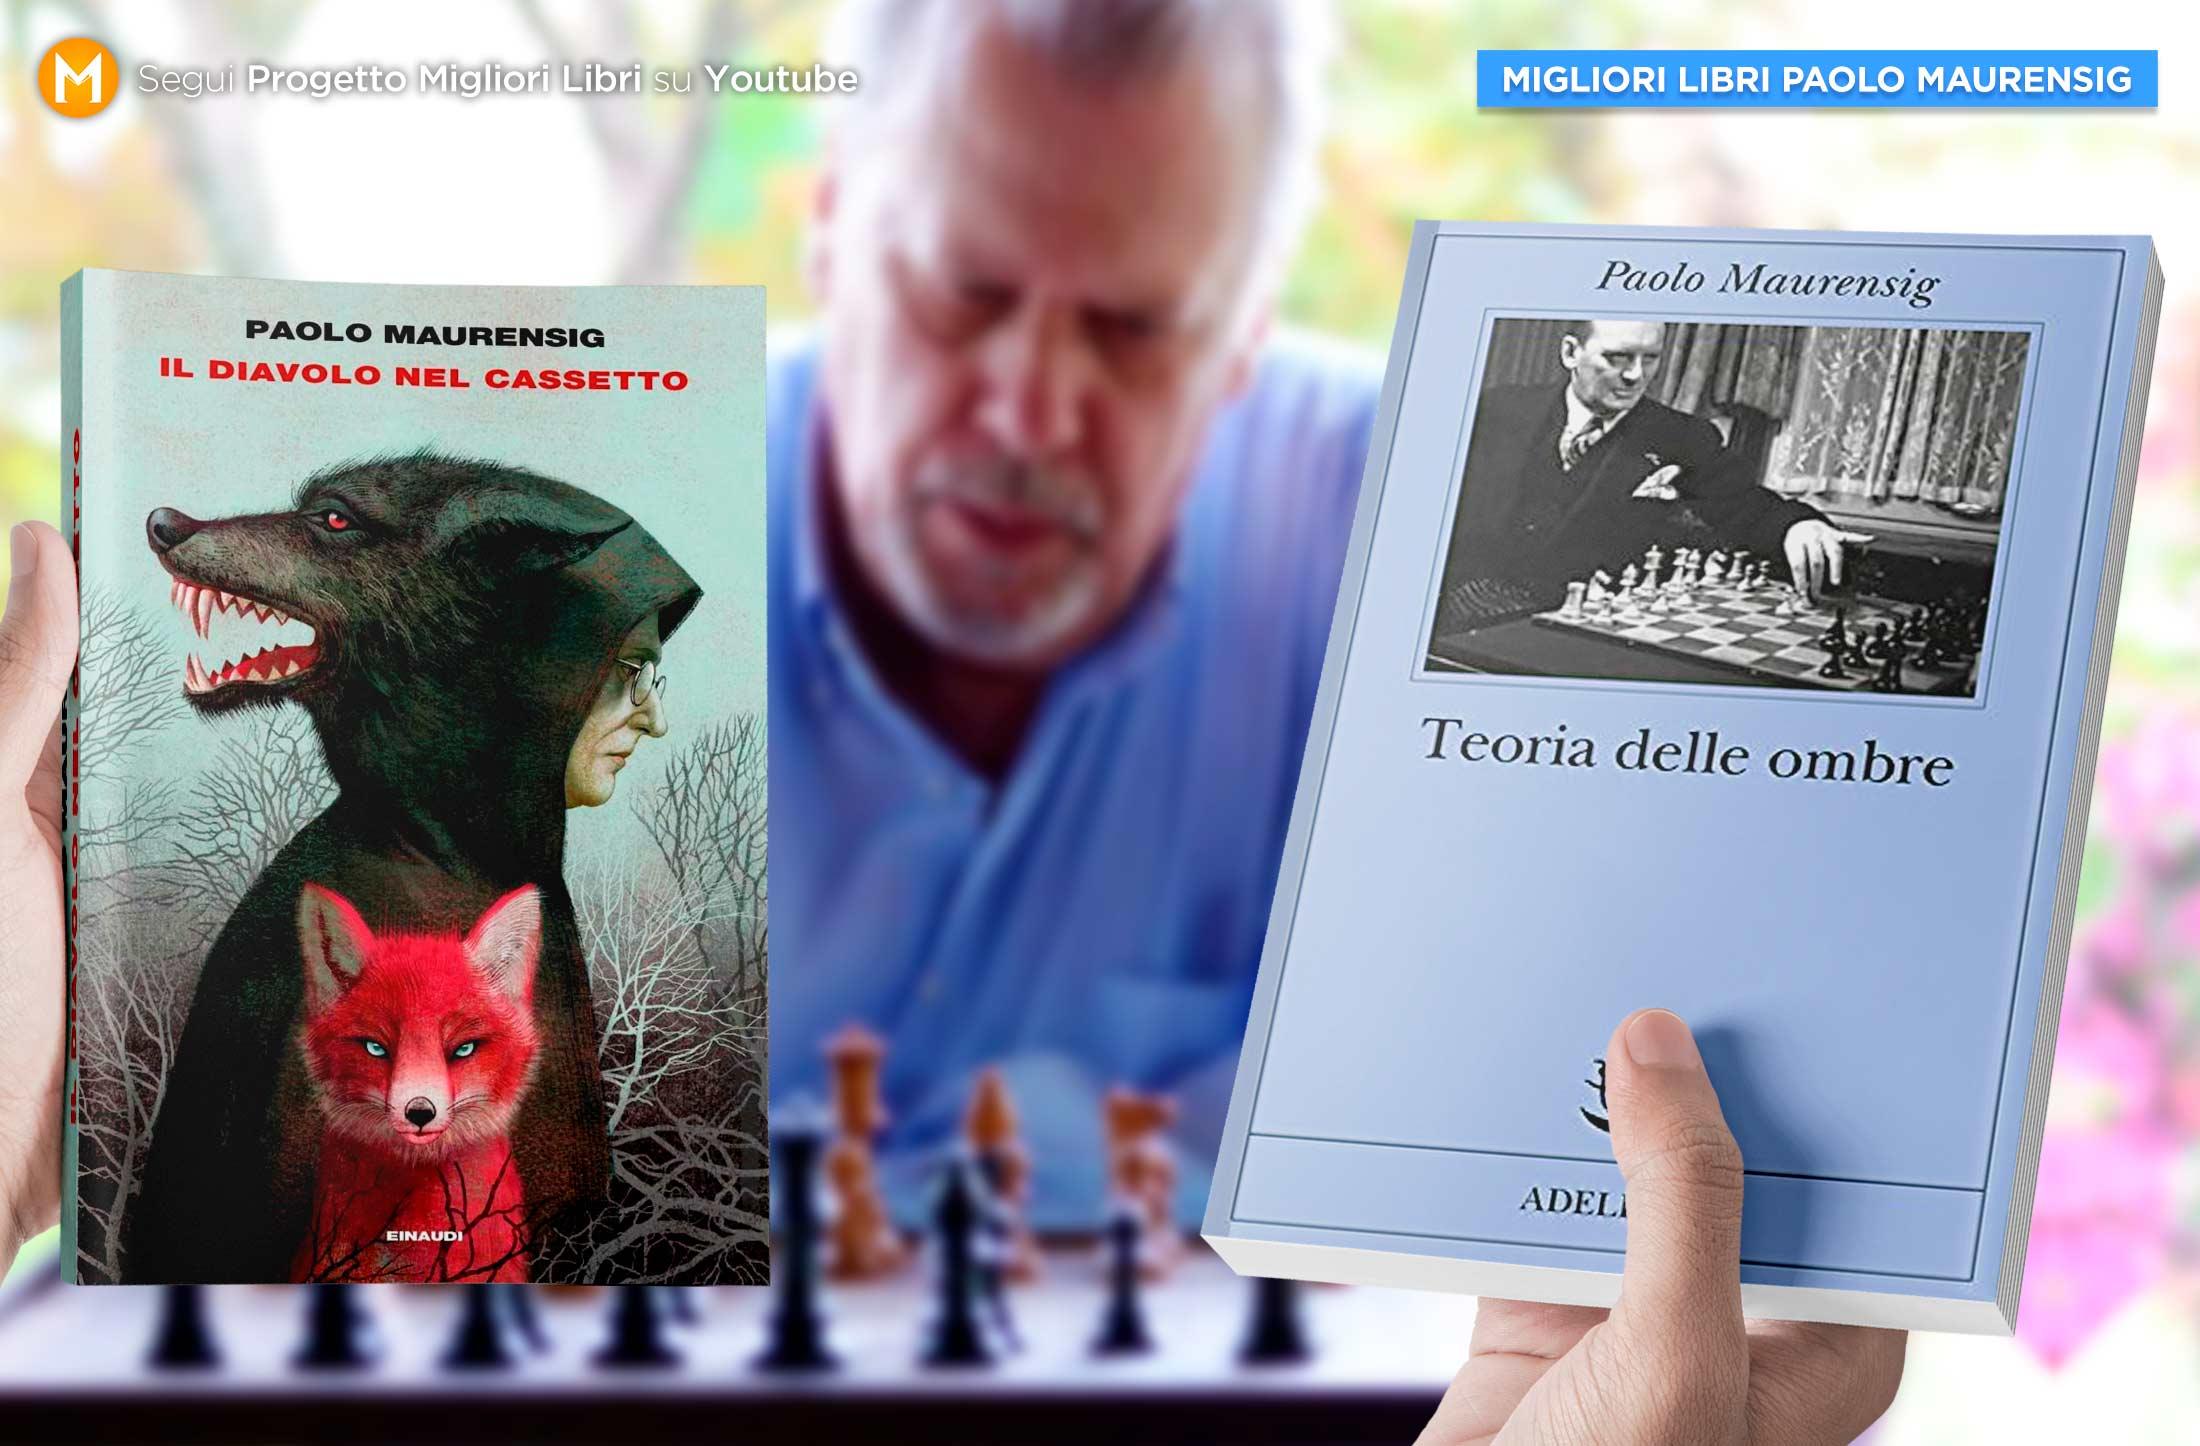 migliori-libri-paolo-maurensig